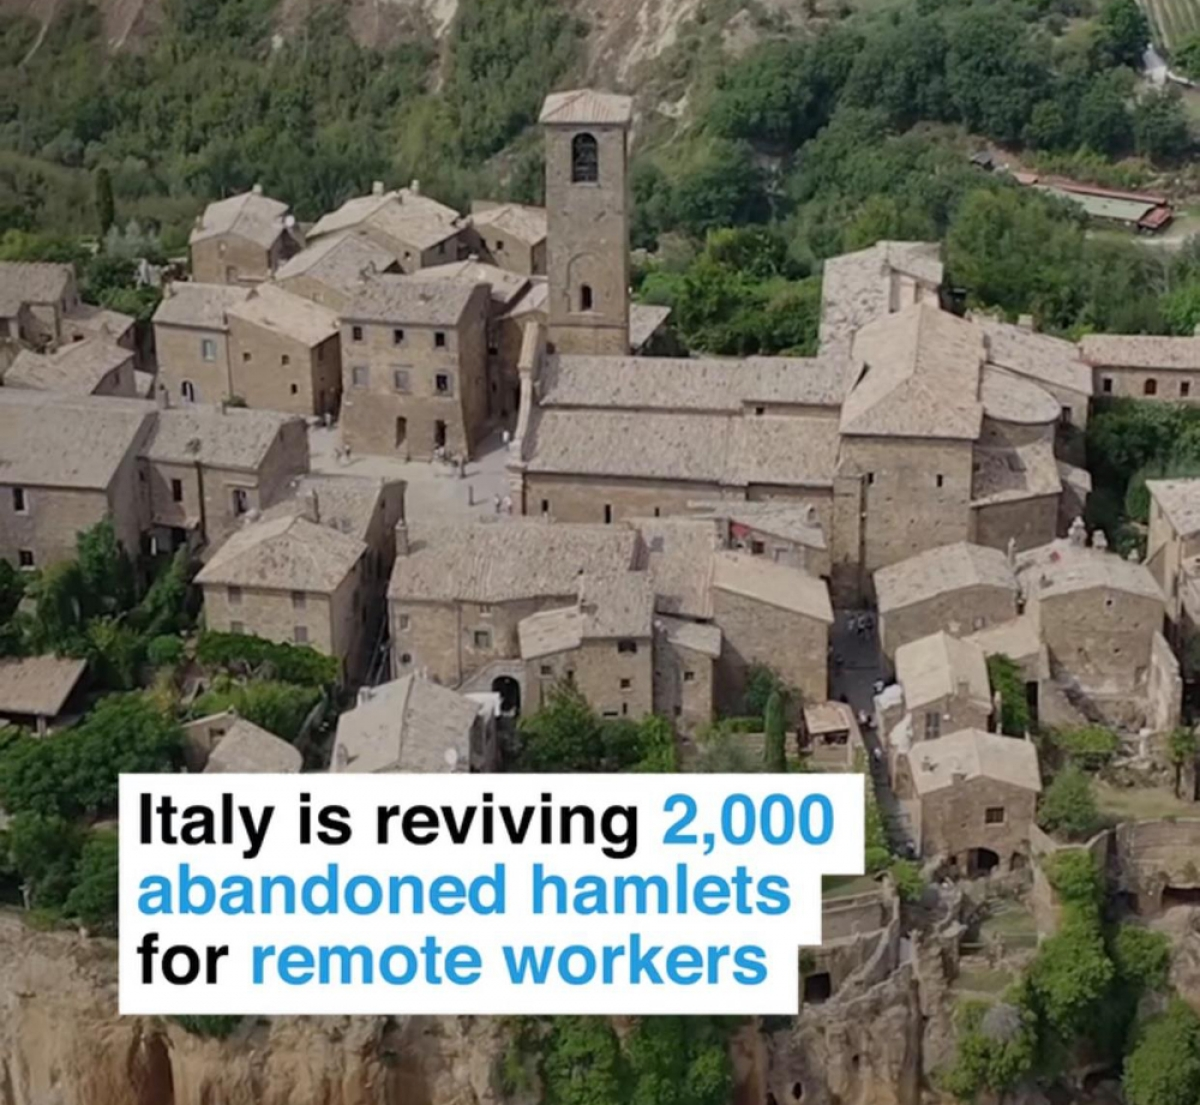 """Chình quyền Italy hỗ trợ tích cực cho người dân đến ở và lập nghiệp tại những ngôi làng """"ma""""."""